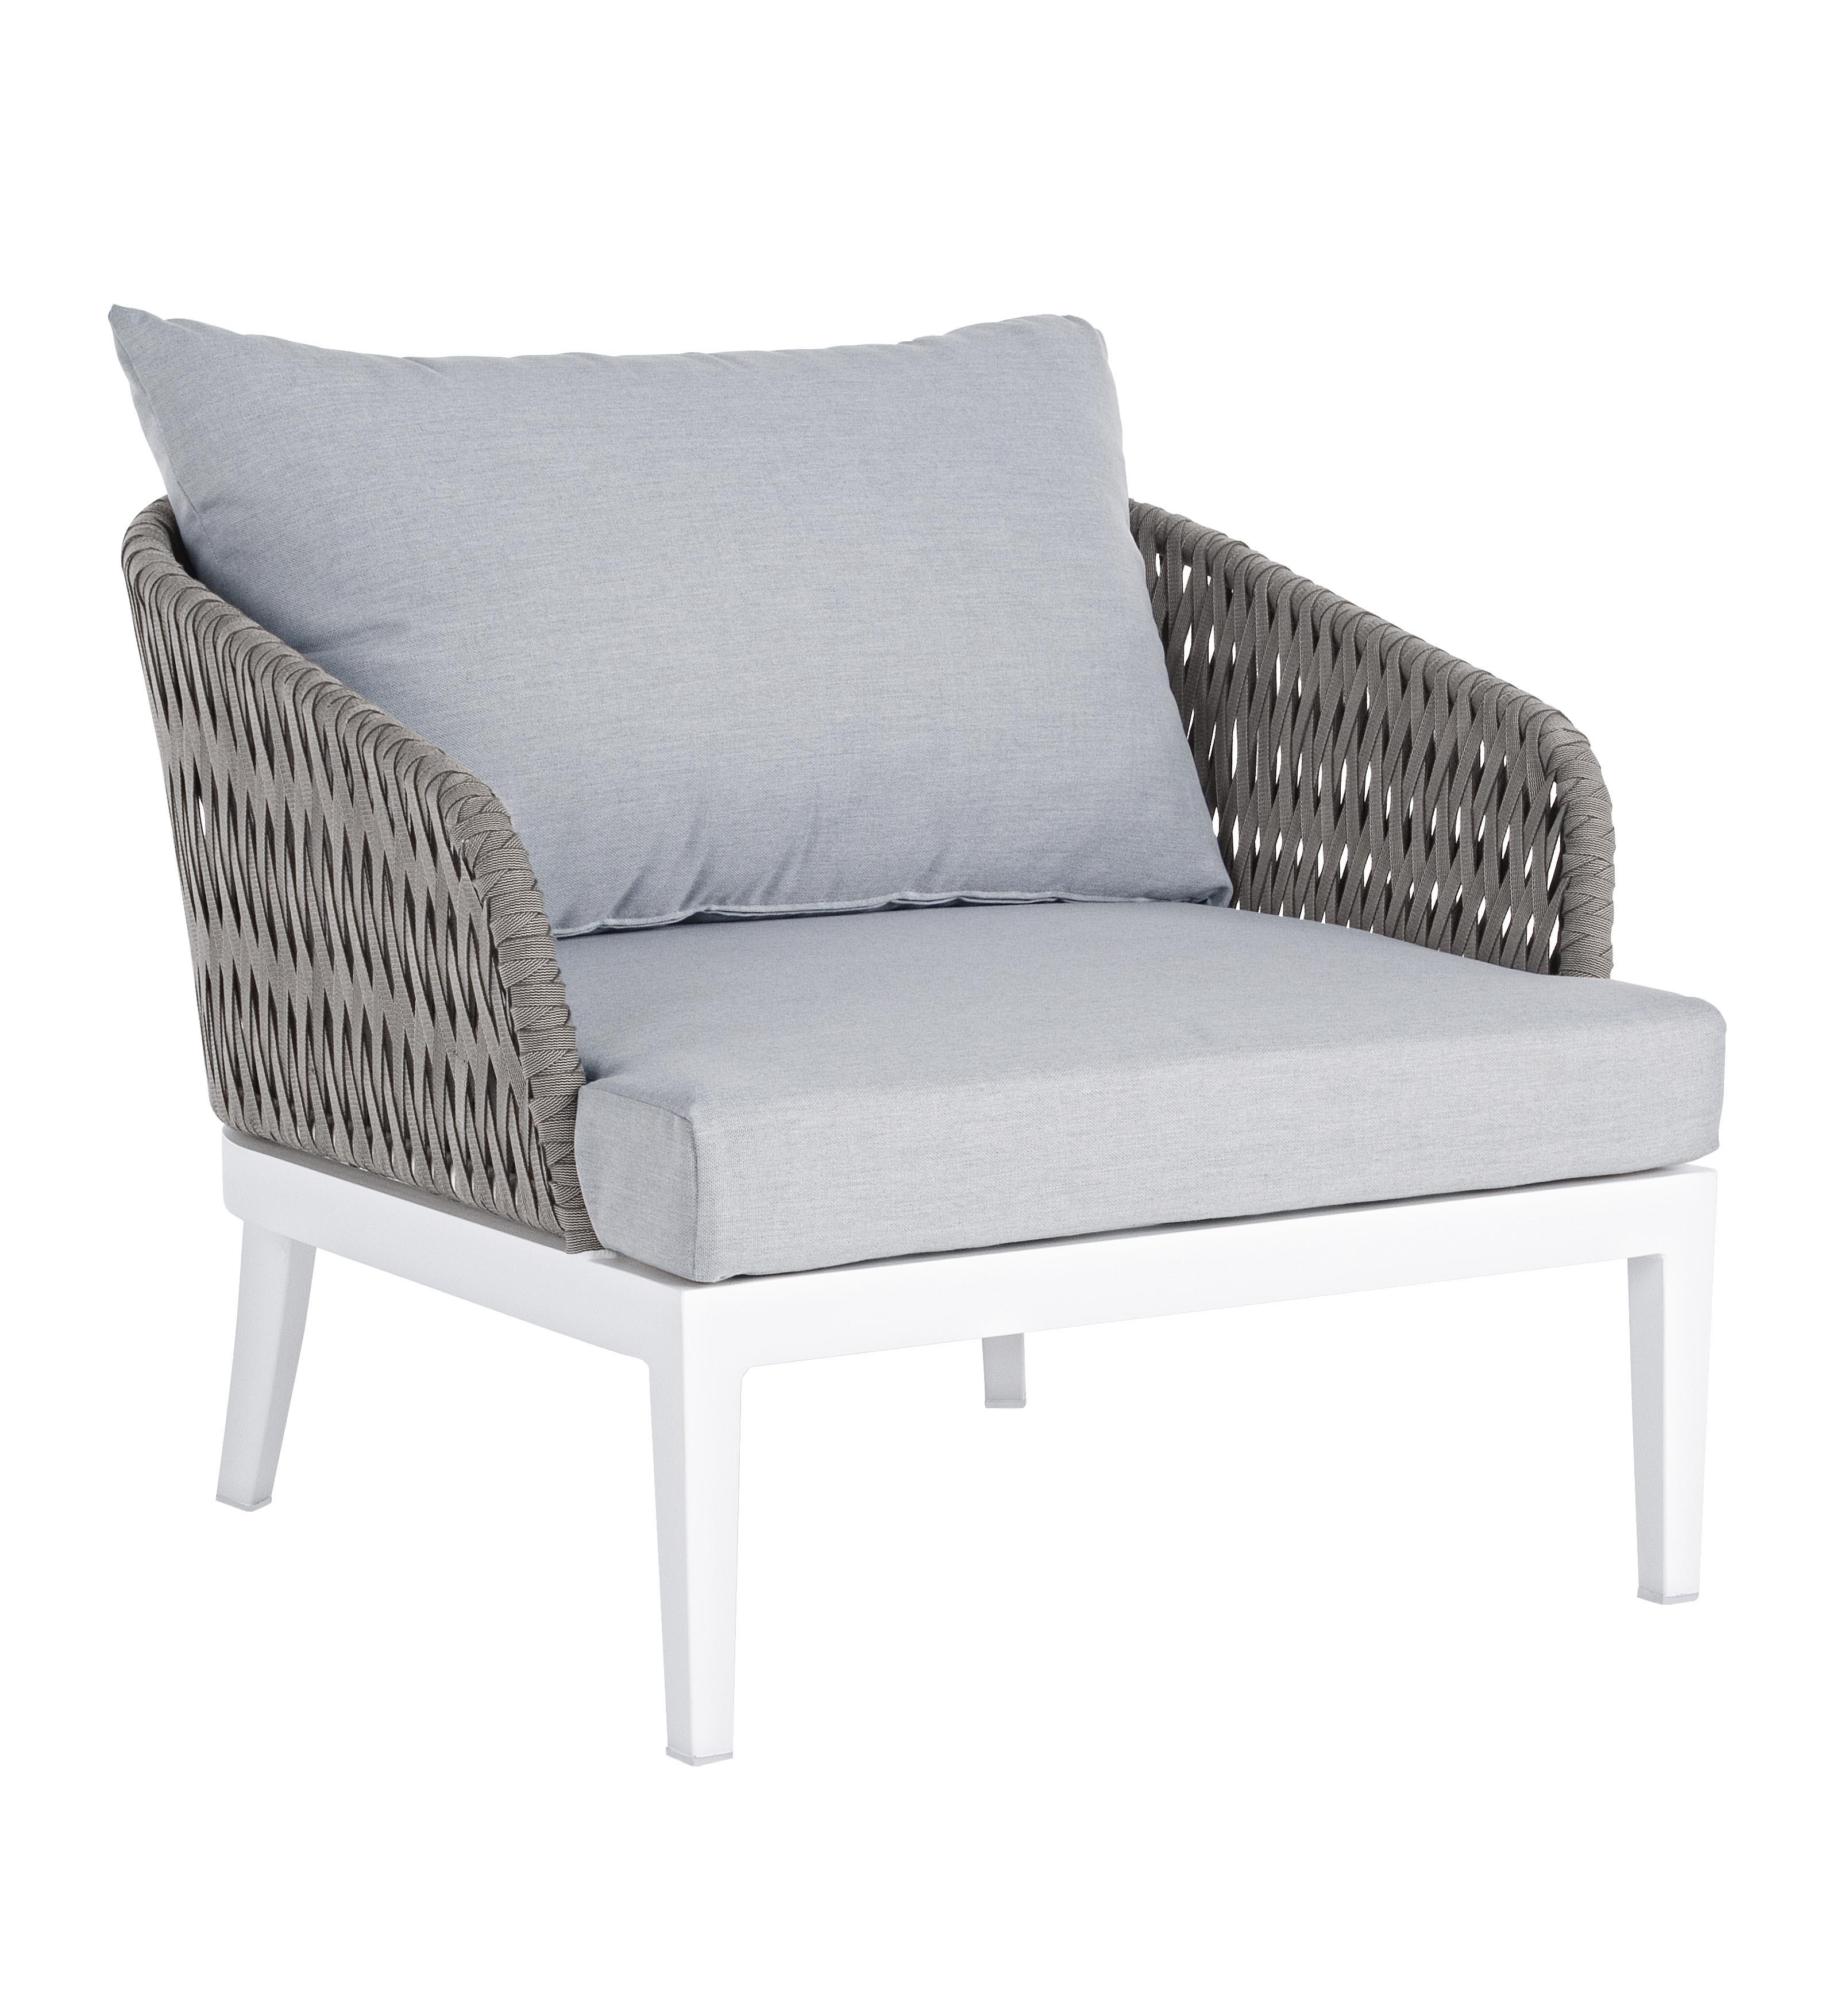 Cuscini Idrorepellenti Per Esterno dettagli su poltrona pelican con cuscini bizzotto 660150 per arredo  giardino esterno